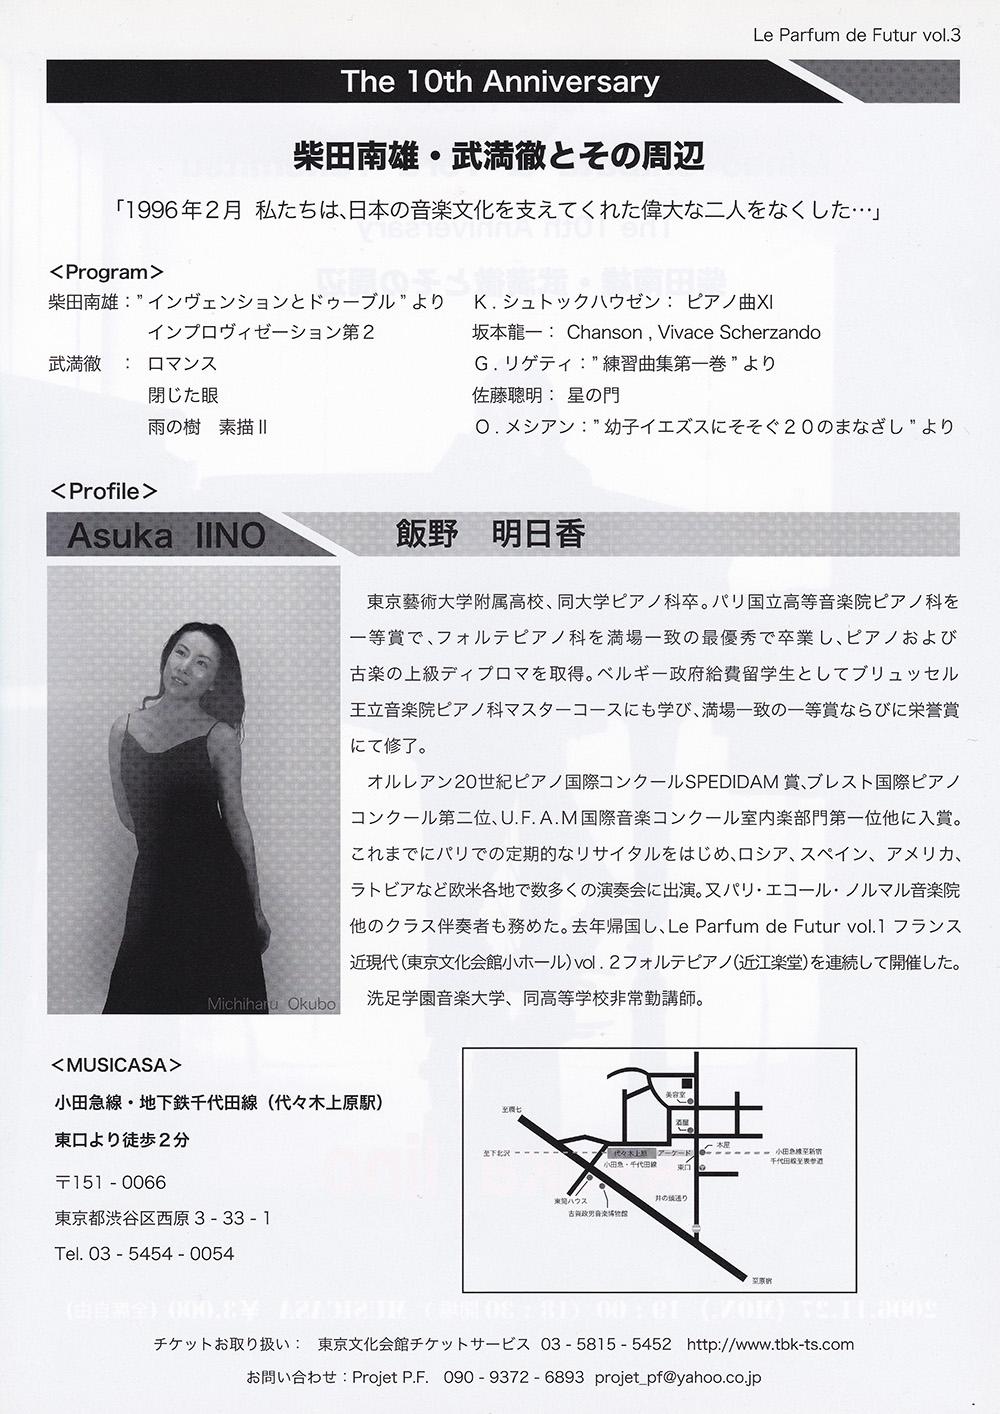 le Parfum de Futur vol.3「柴田南雄・武満徹とその周辺」